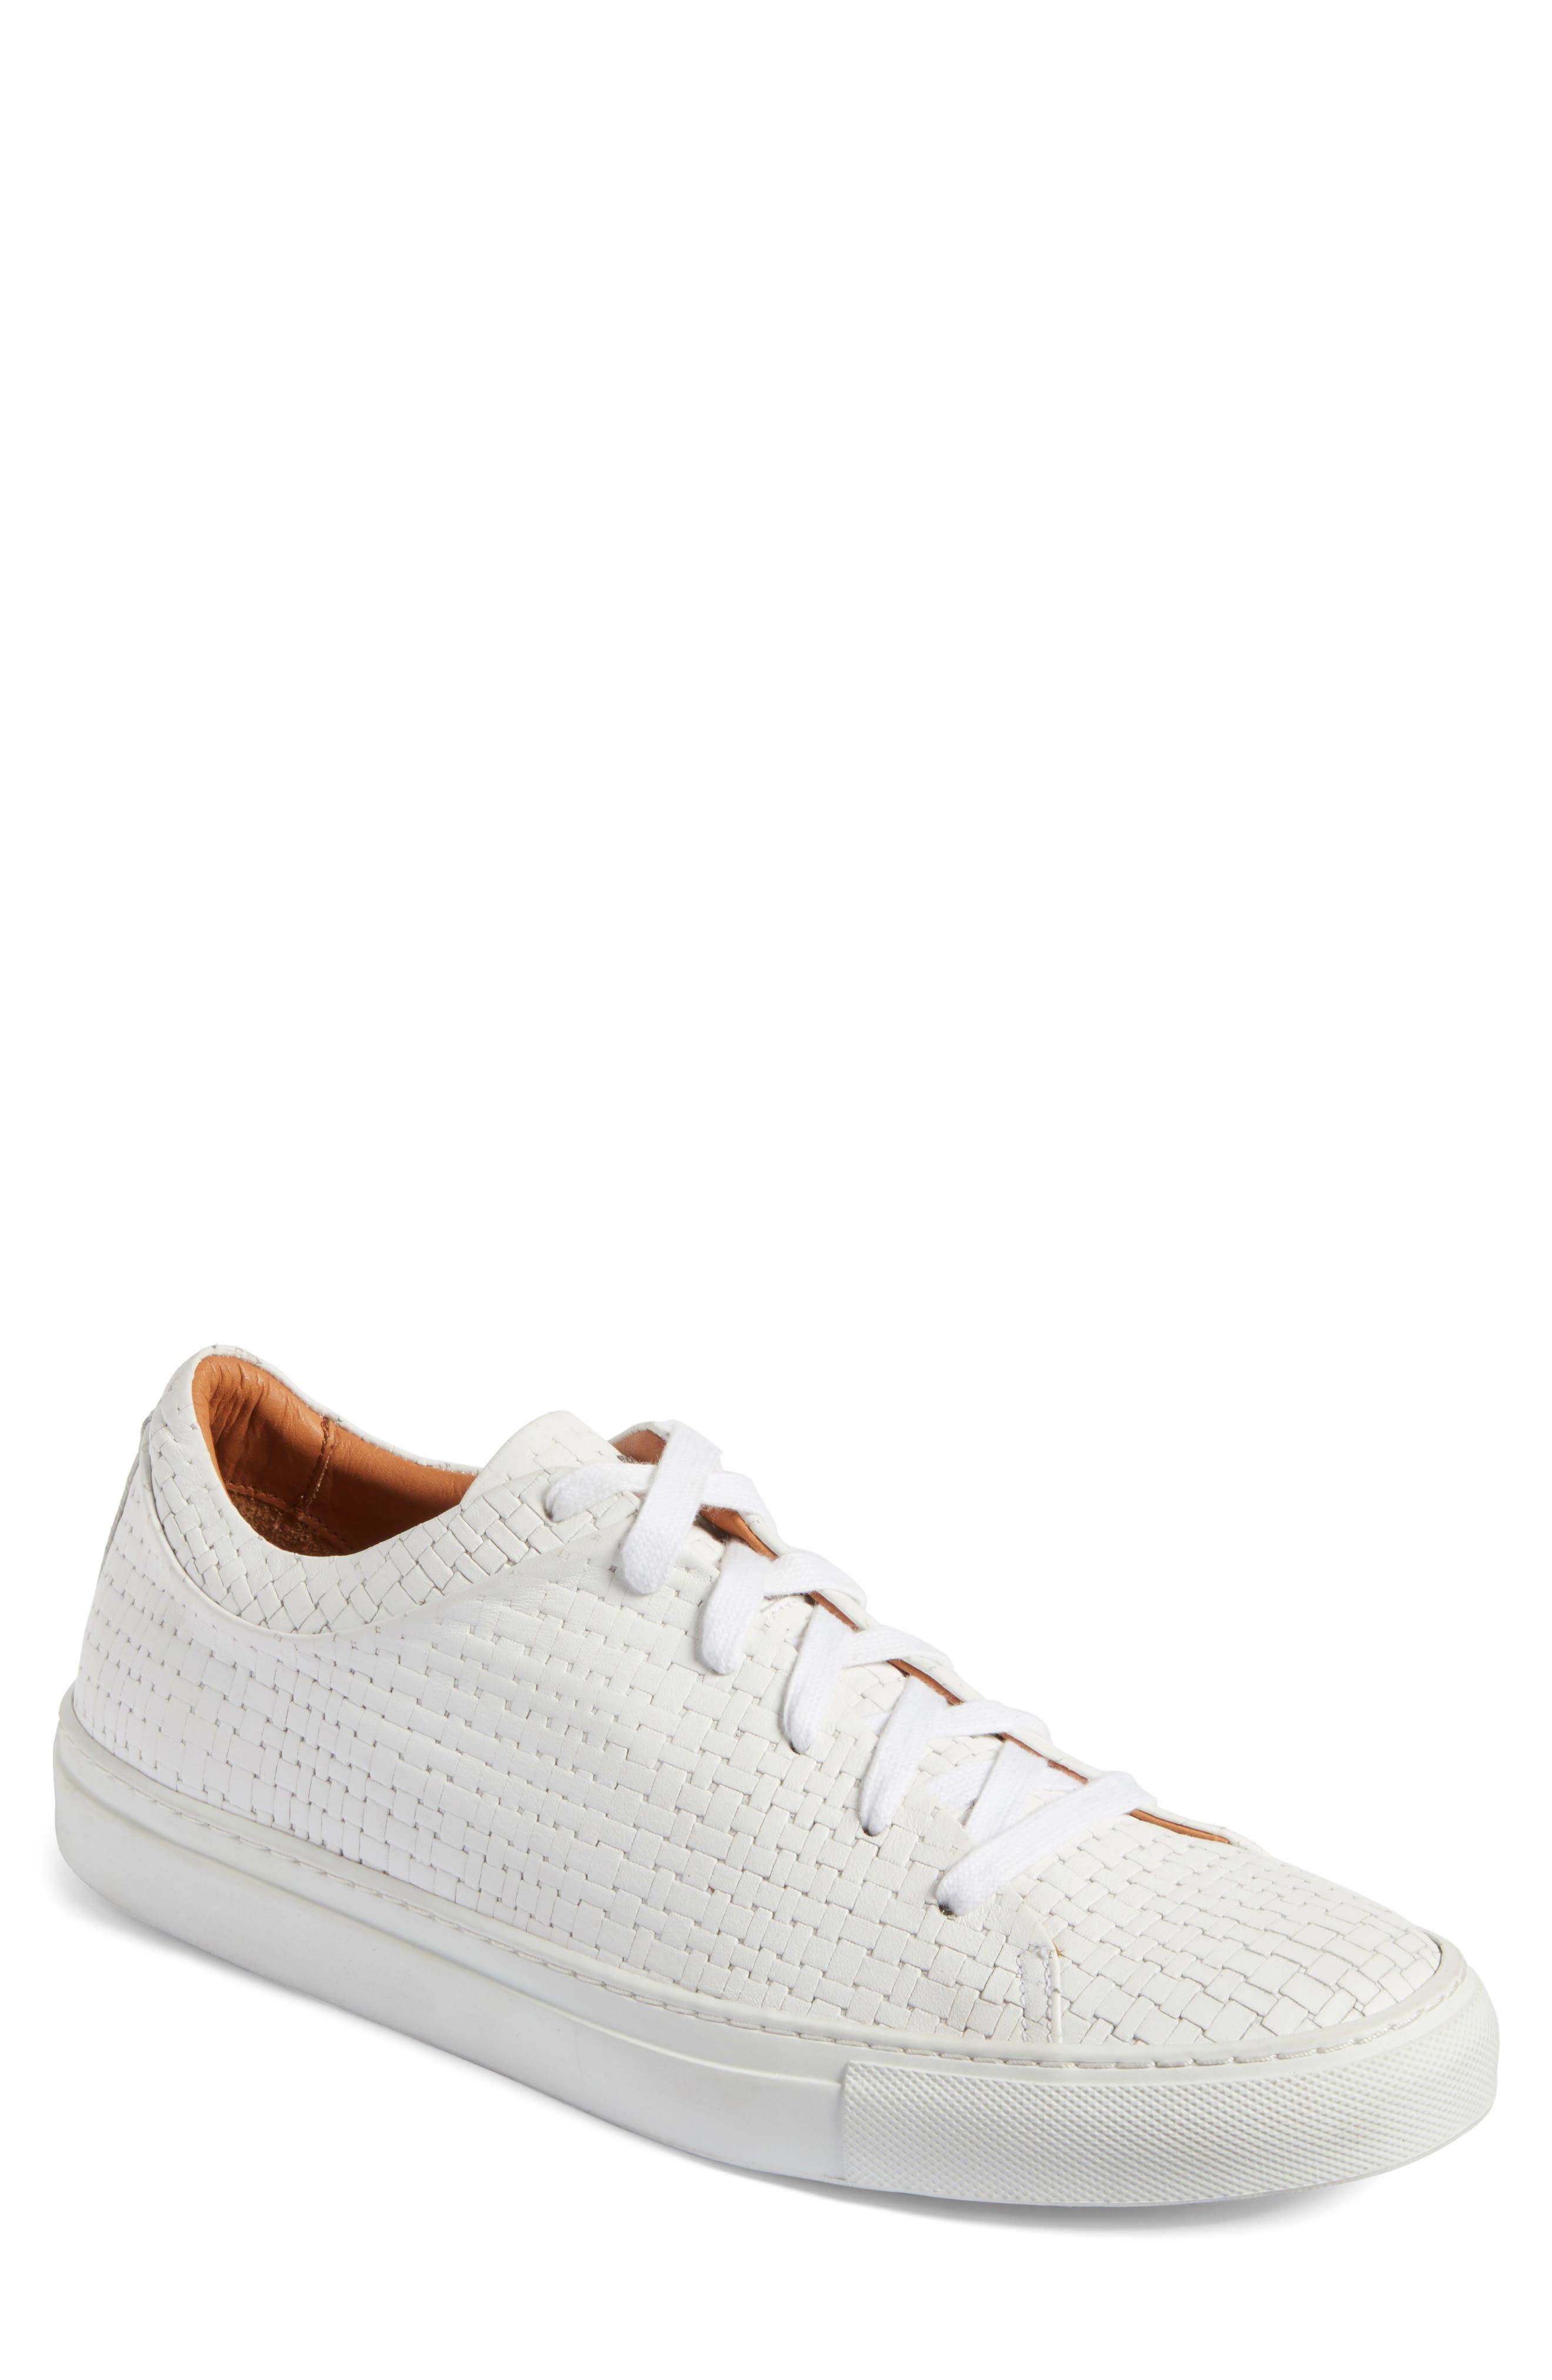 Main Image - Aquatalia Alaric Sneaker (Men)